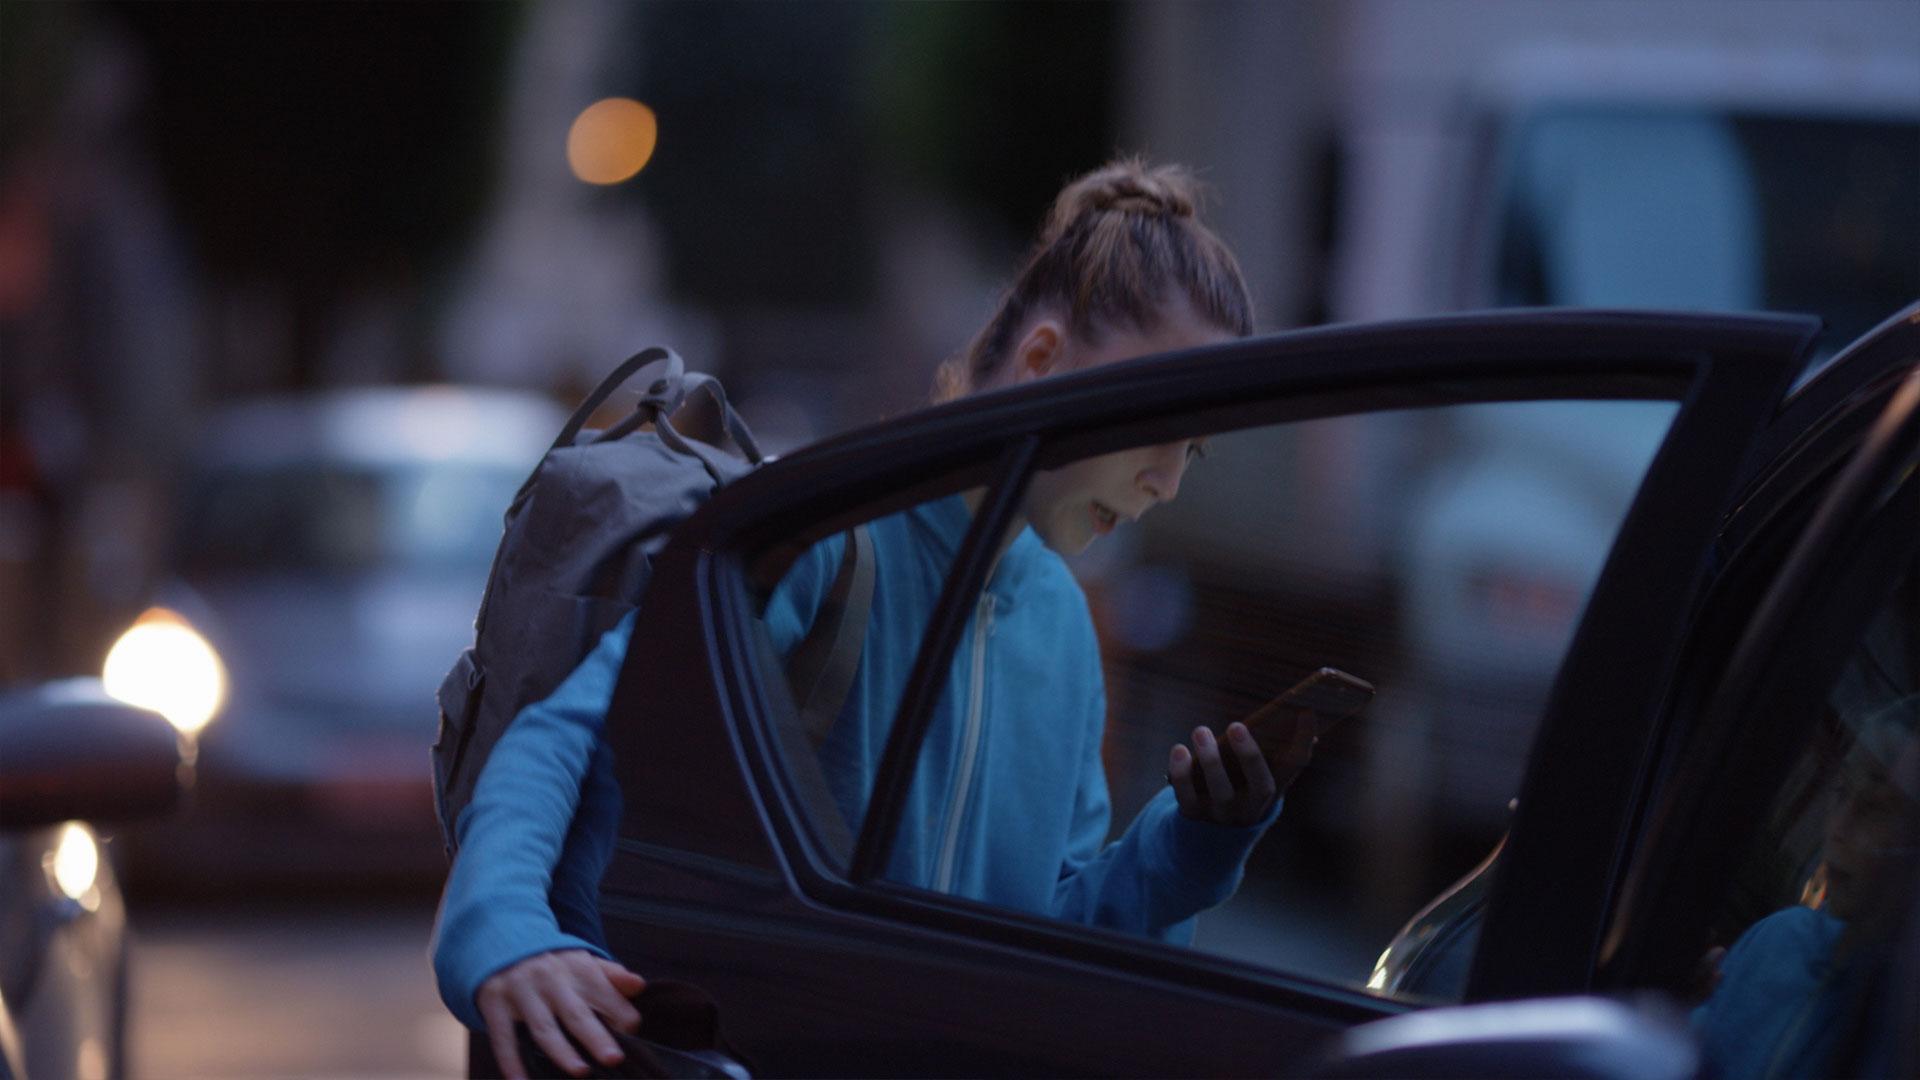 uber-family-screen-13.jpg